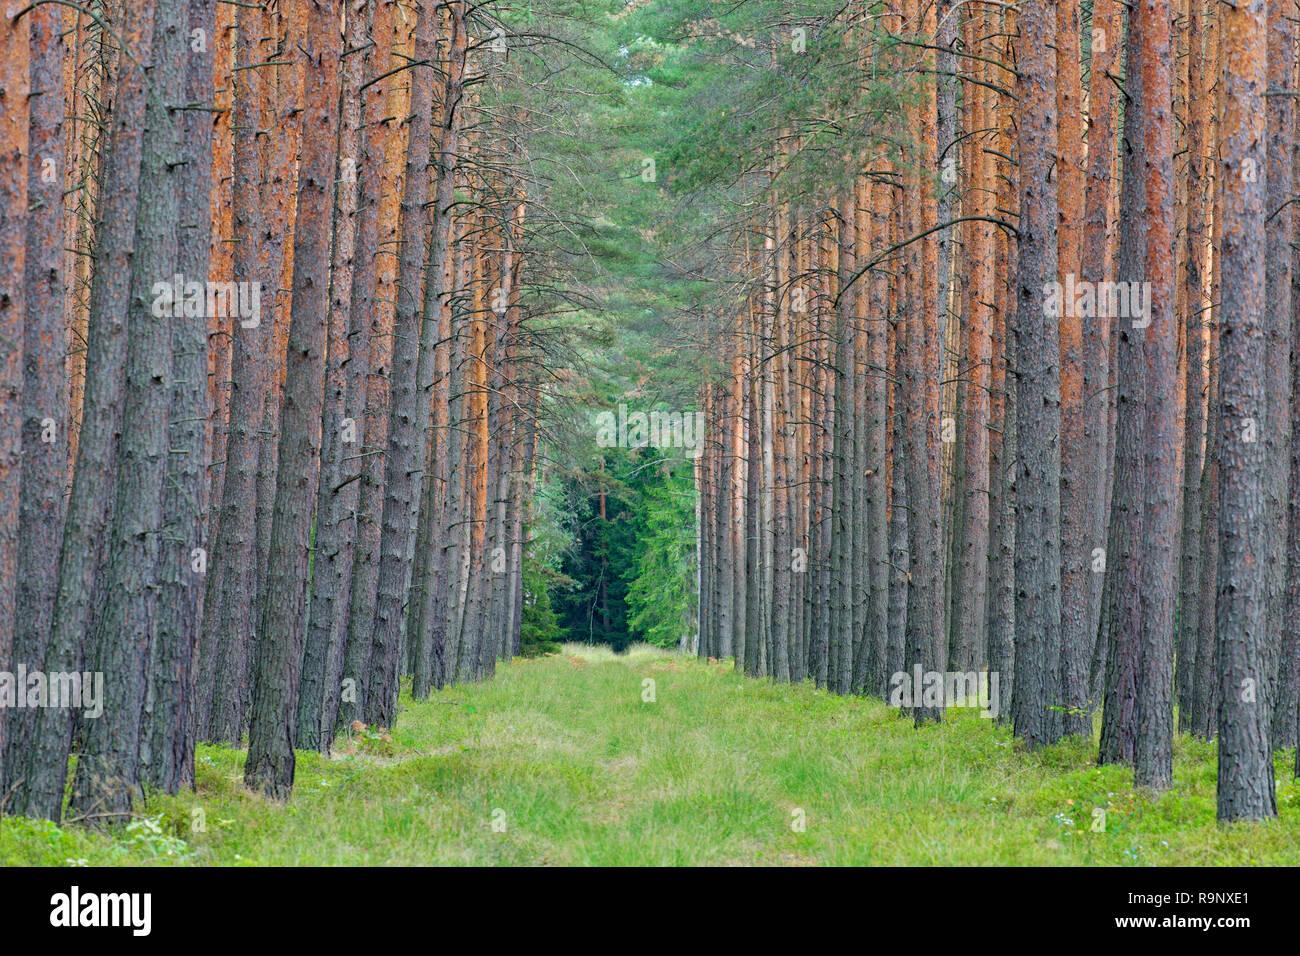 Scots Pine (Pinus sylvestris) tree trunks and firebreak / fireroad / fire line / fuel break, bushfire prevention in coniferous forest Stock Photo